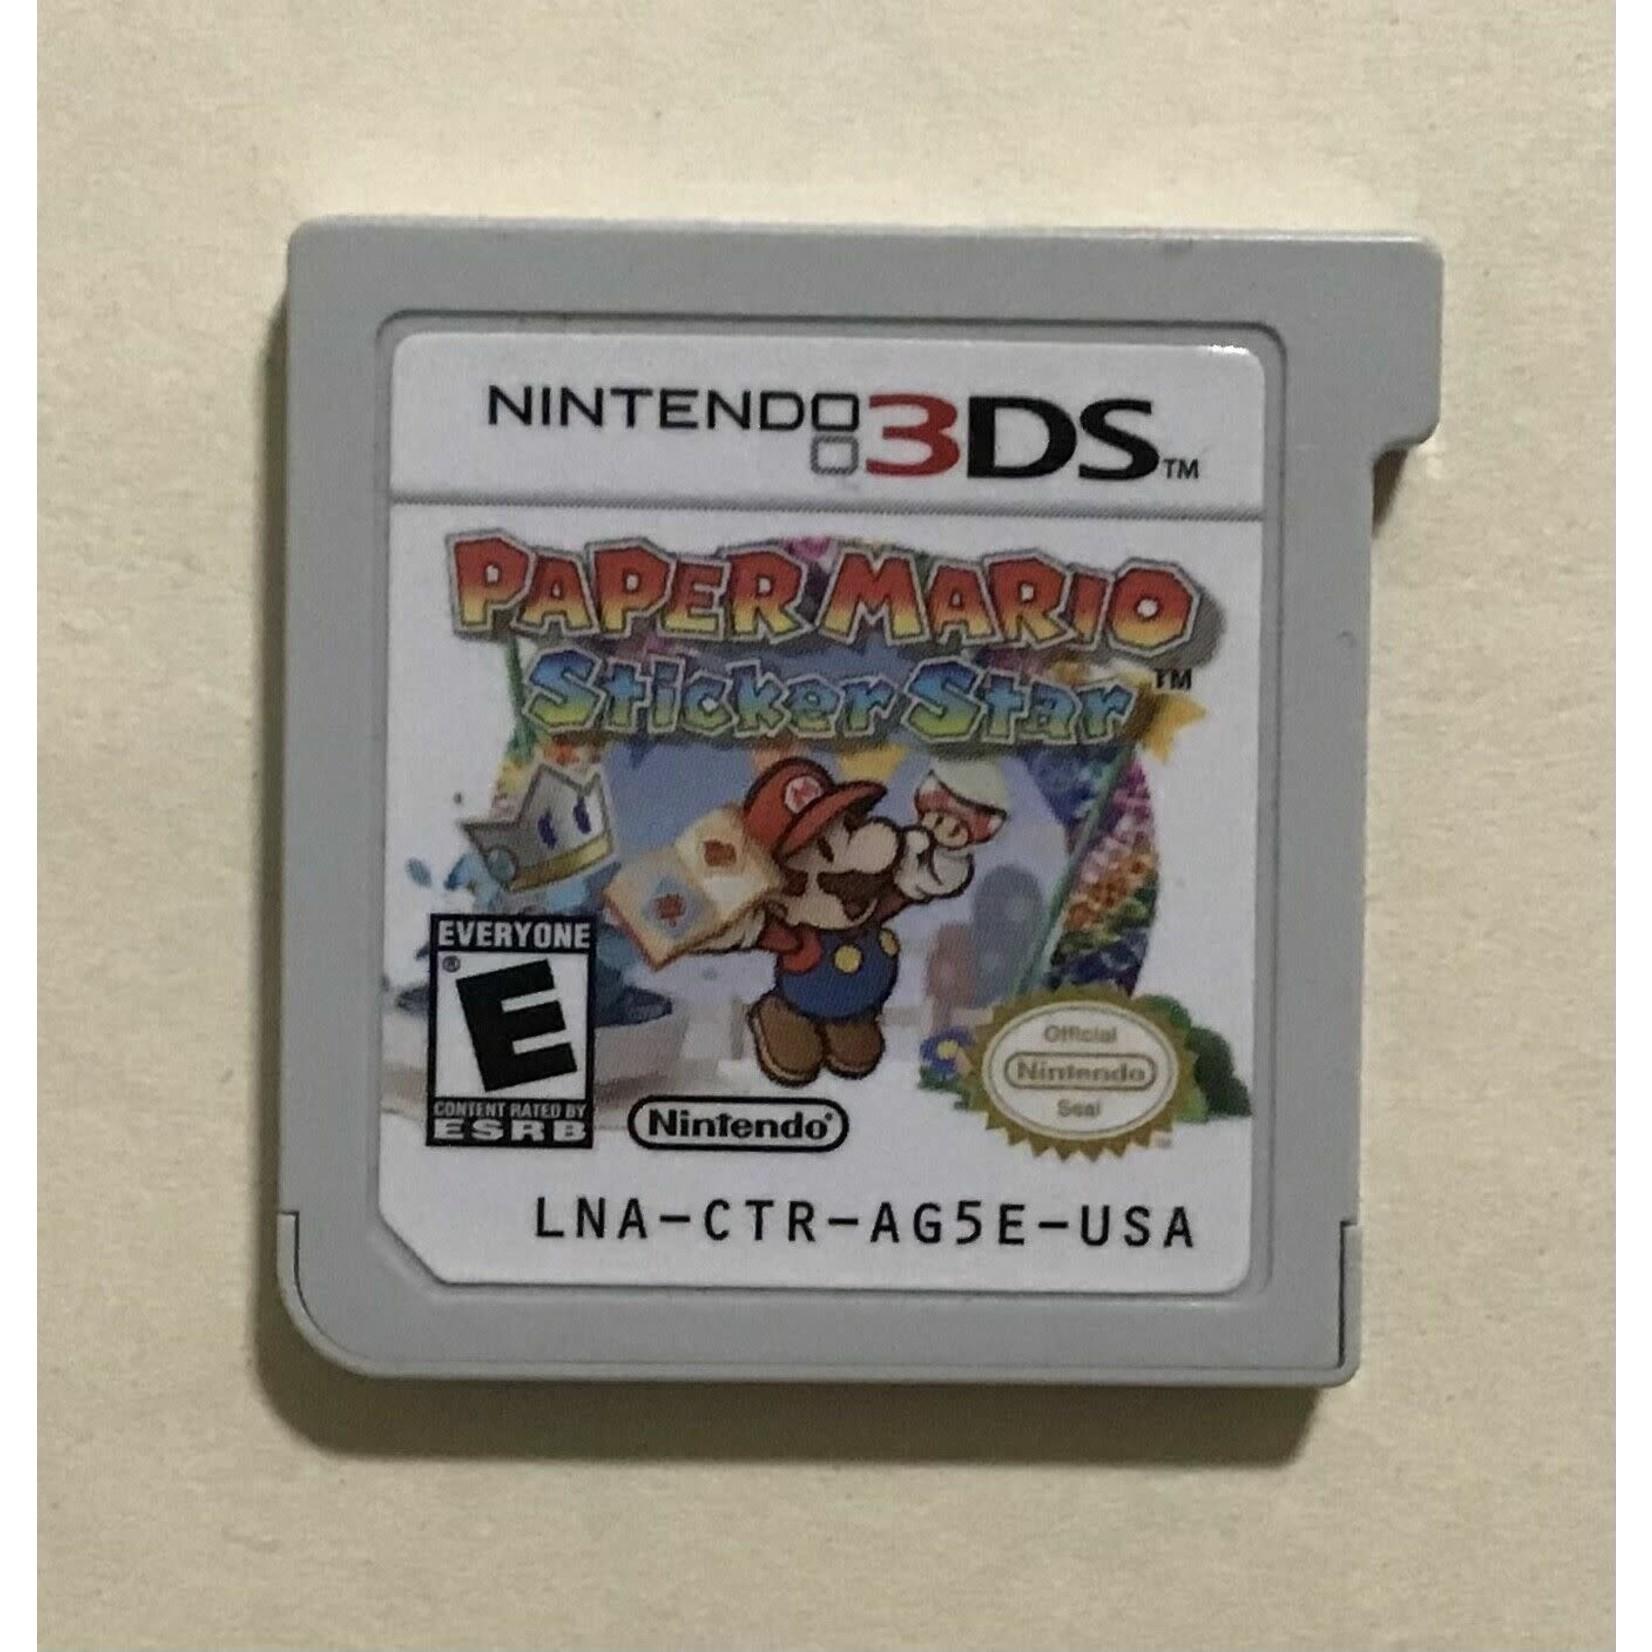 3DSu-Paper Mario Sticker Star (chip only)